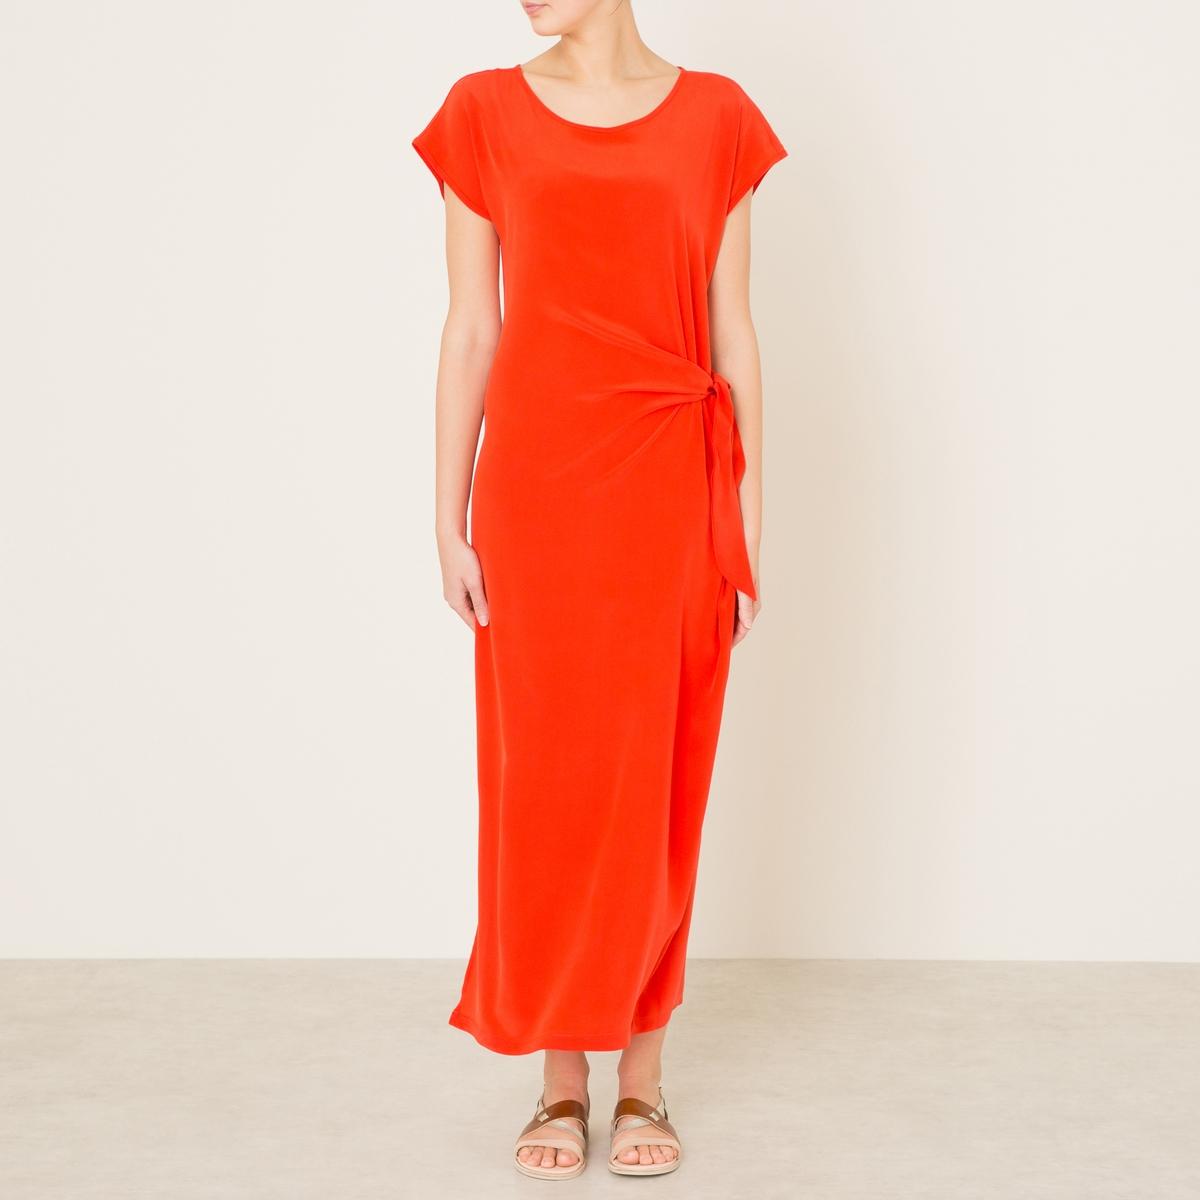 Платье длинное  VICTORВечернее платье TOUPY - удлиненная модель VICTOR однотонного цвета из 100% шелка. Круглый вырез. Короткие рукава. Завязка на ленту по бокам создает эффект драпировки . Длинные разрезы по бокам.Состав и описание    Материал : 100% шелкДлина от края плеча: ок. 133 см. для размера 36    Марка : TOUPY<br><br>Цвет: красный